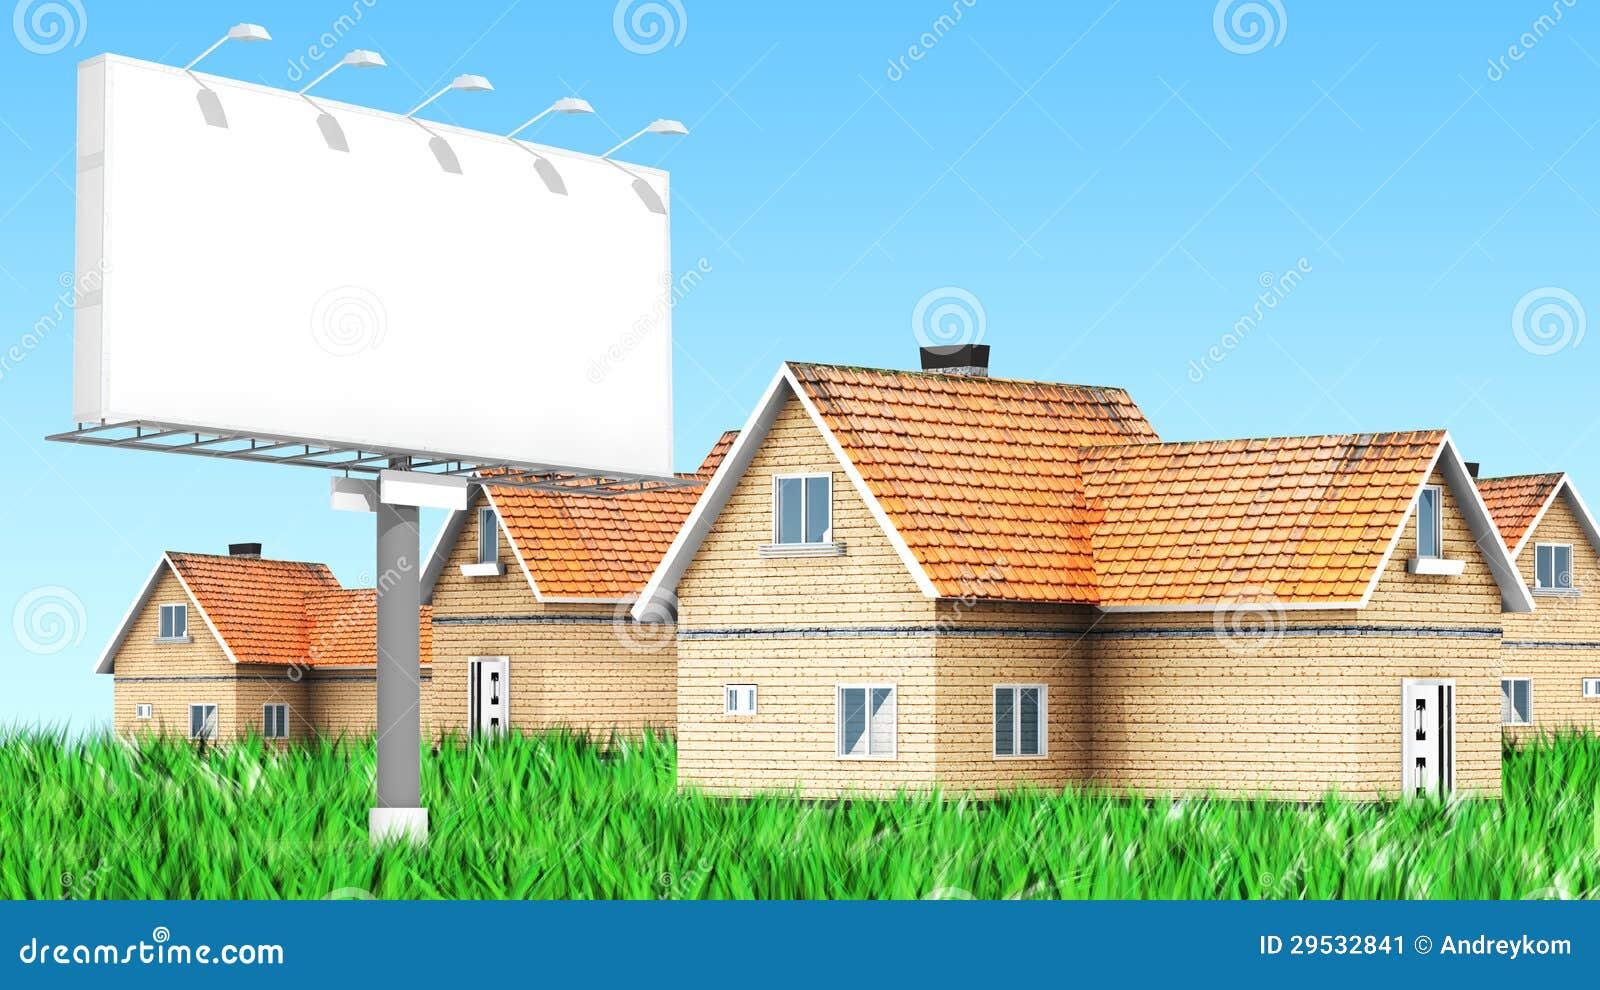 Quadro de avisos de propaganda com casas